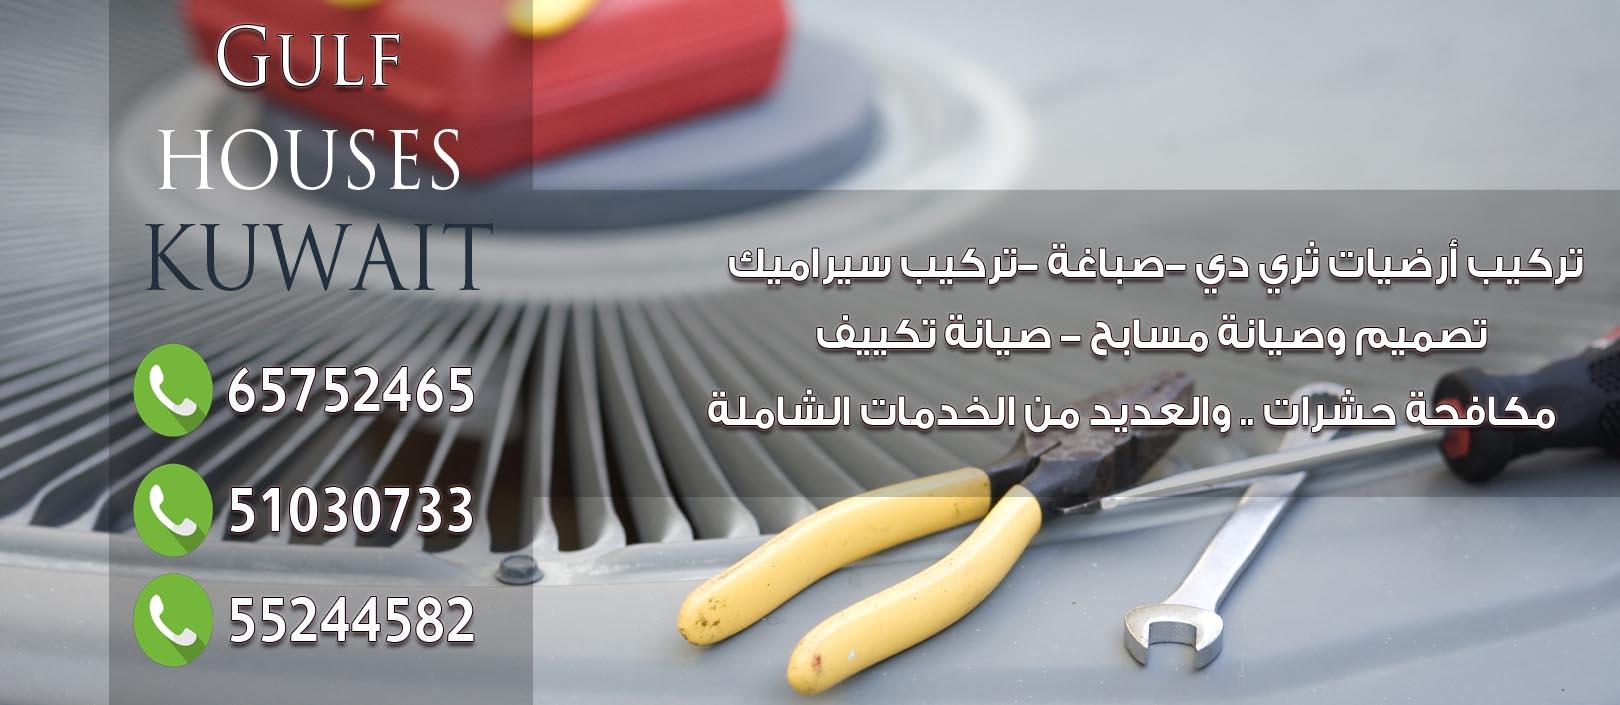 الكويت | 65752465 - 51030733 - 55244582